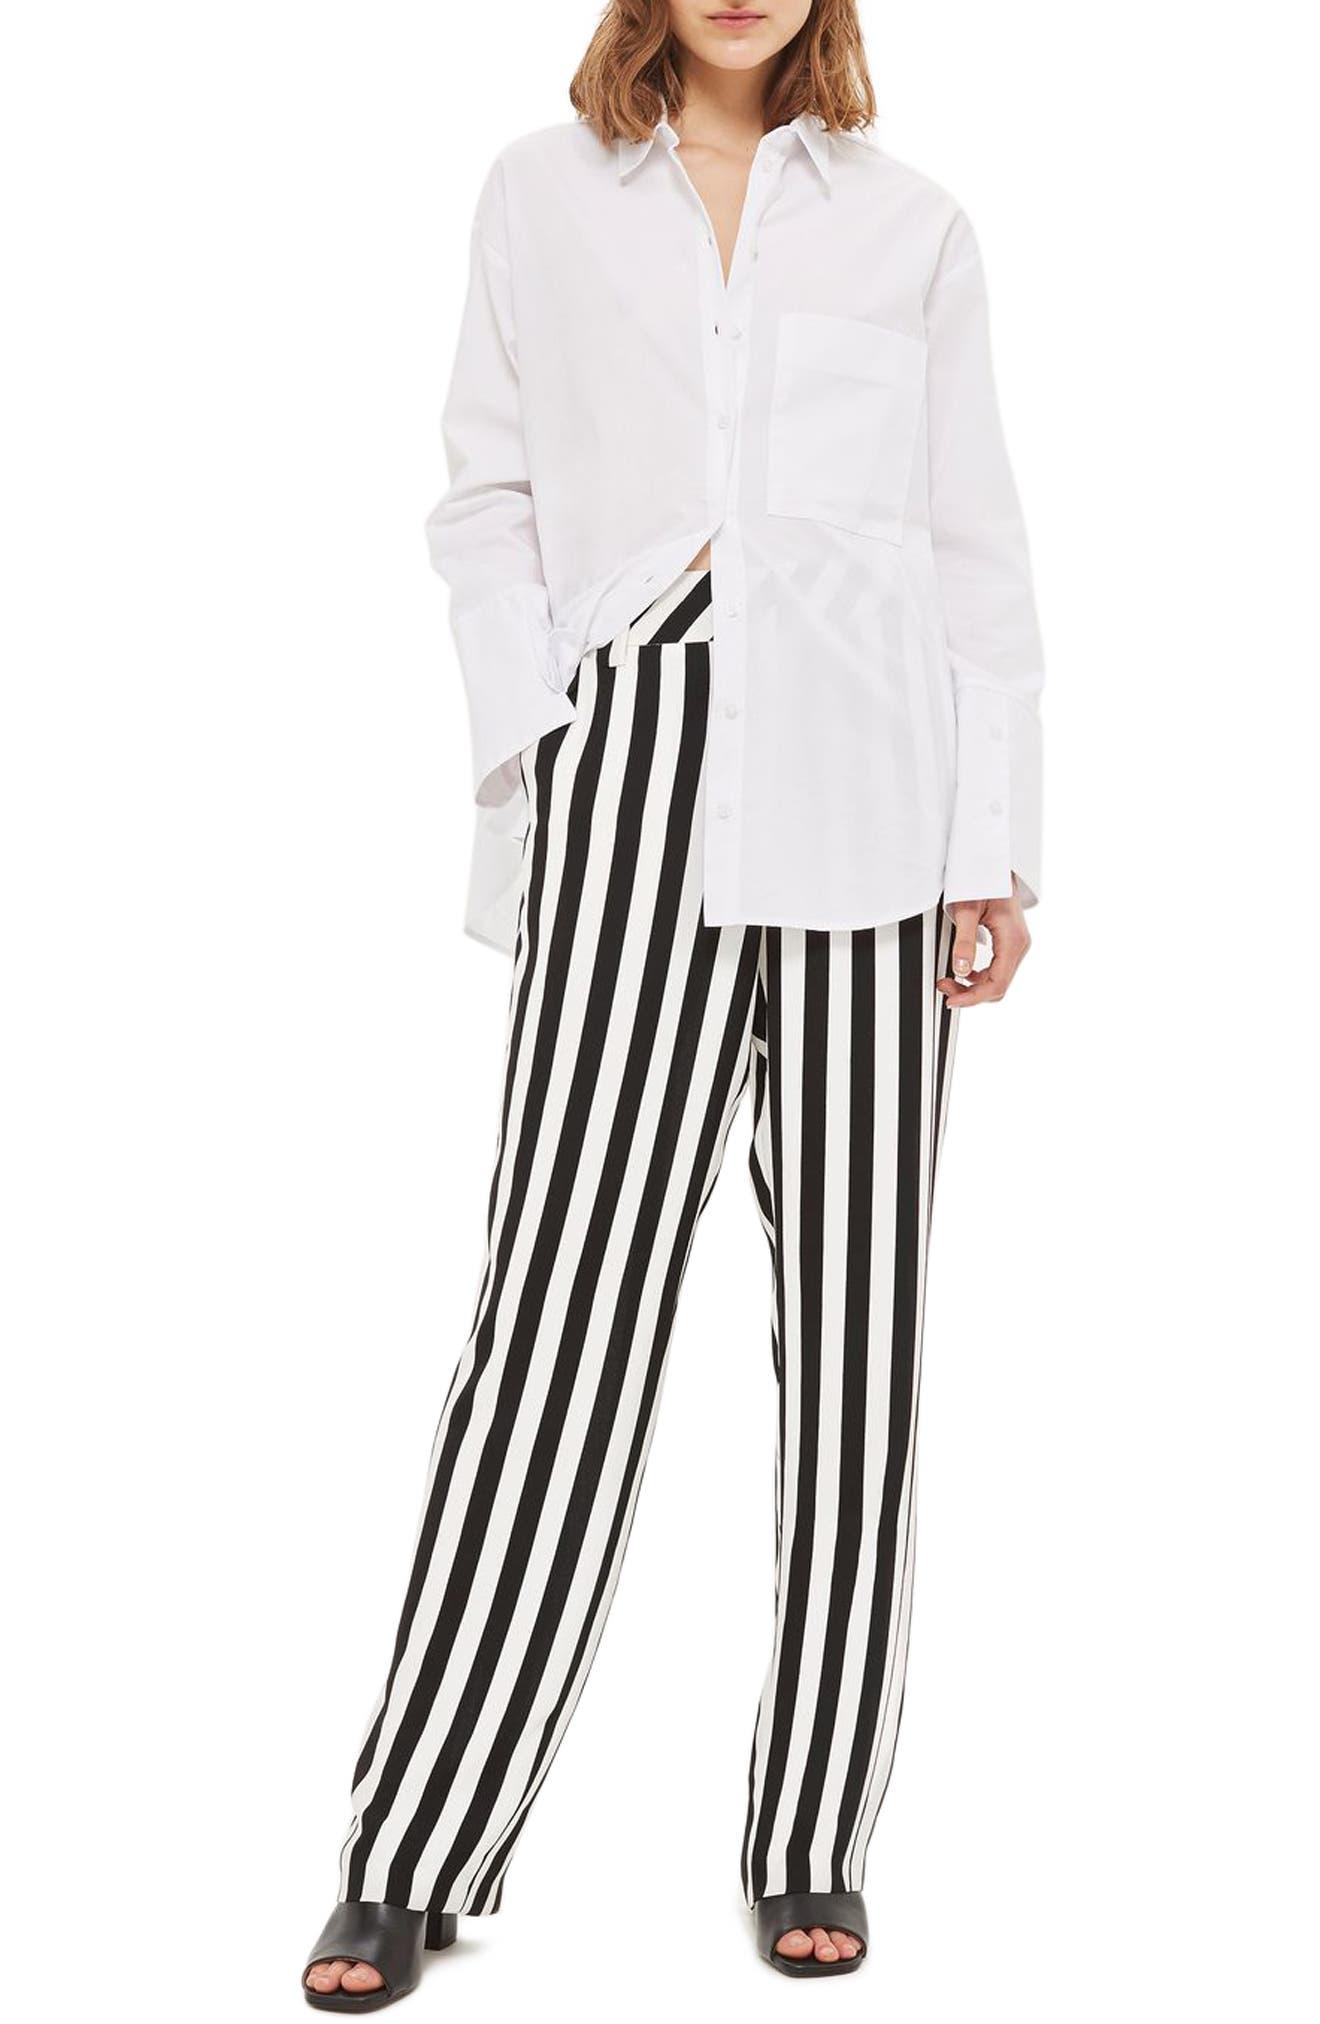 Humbug Stripe Trousers,                             Main thumbnail 1, color,                             001